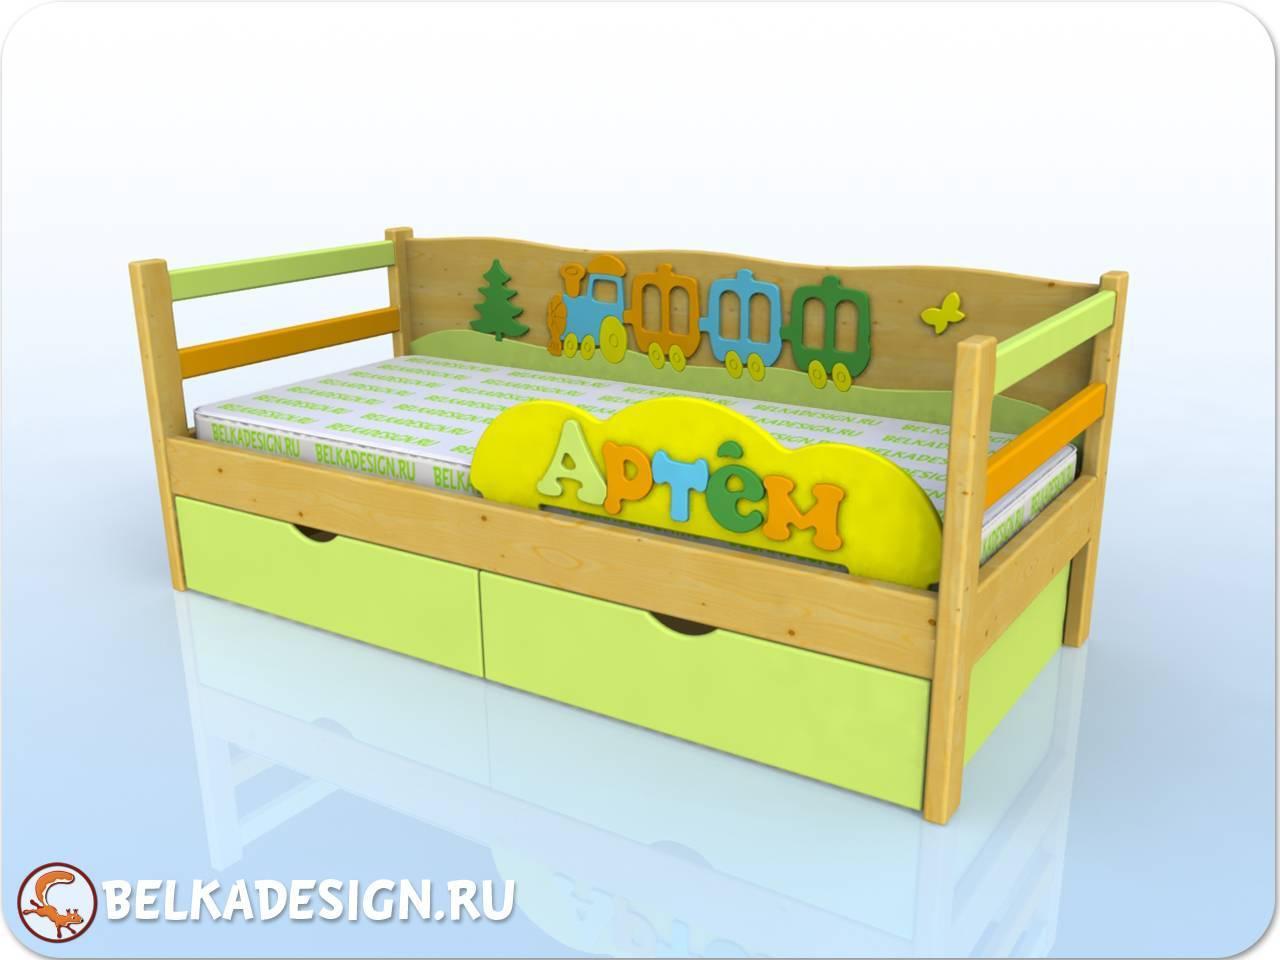 Кровать Артем - сосна